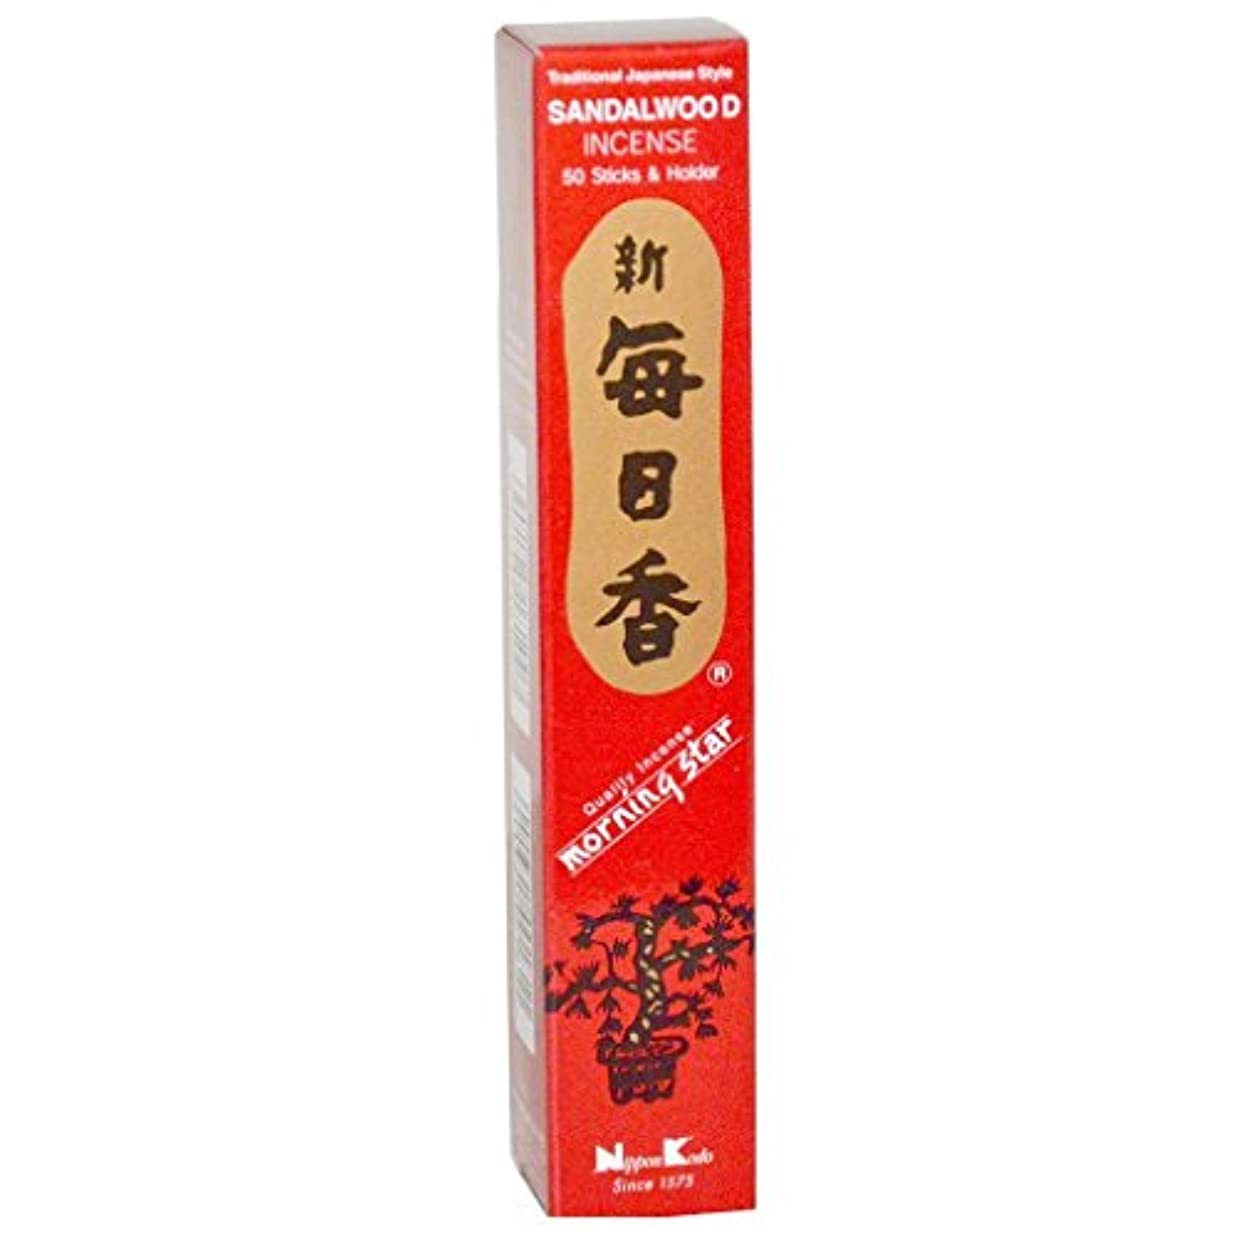 促進する残り物定常Sandalwood Morning Star Quality Japanese Incense by Nippon Kodo - 50 Sticks + Holder